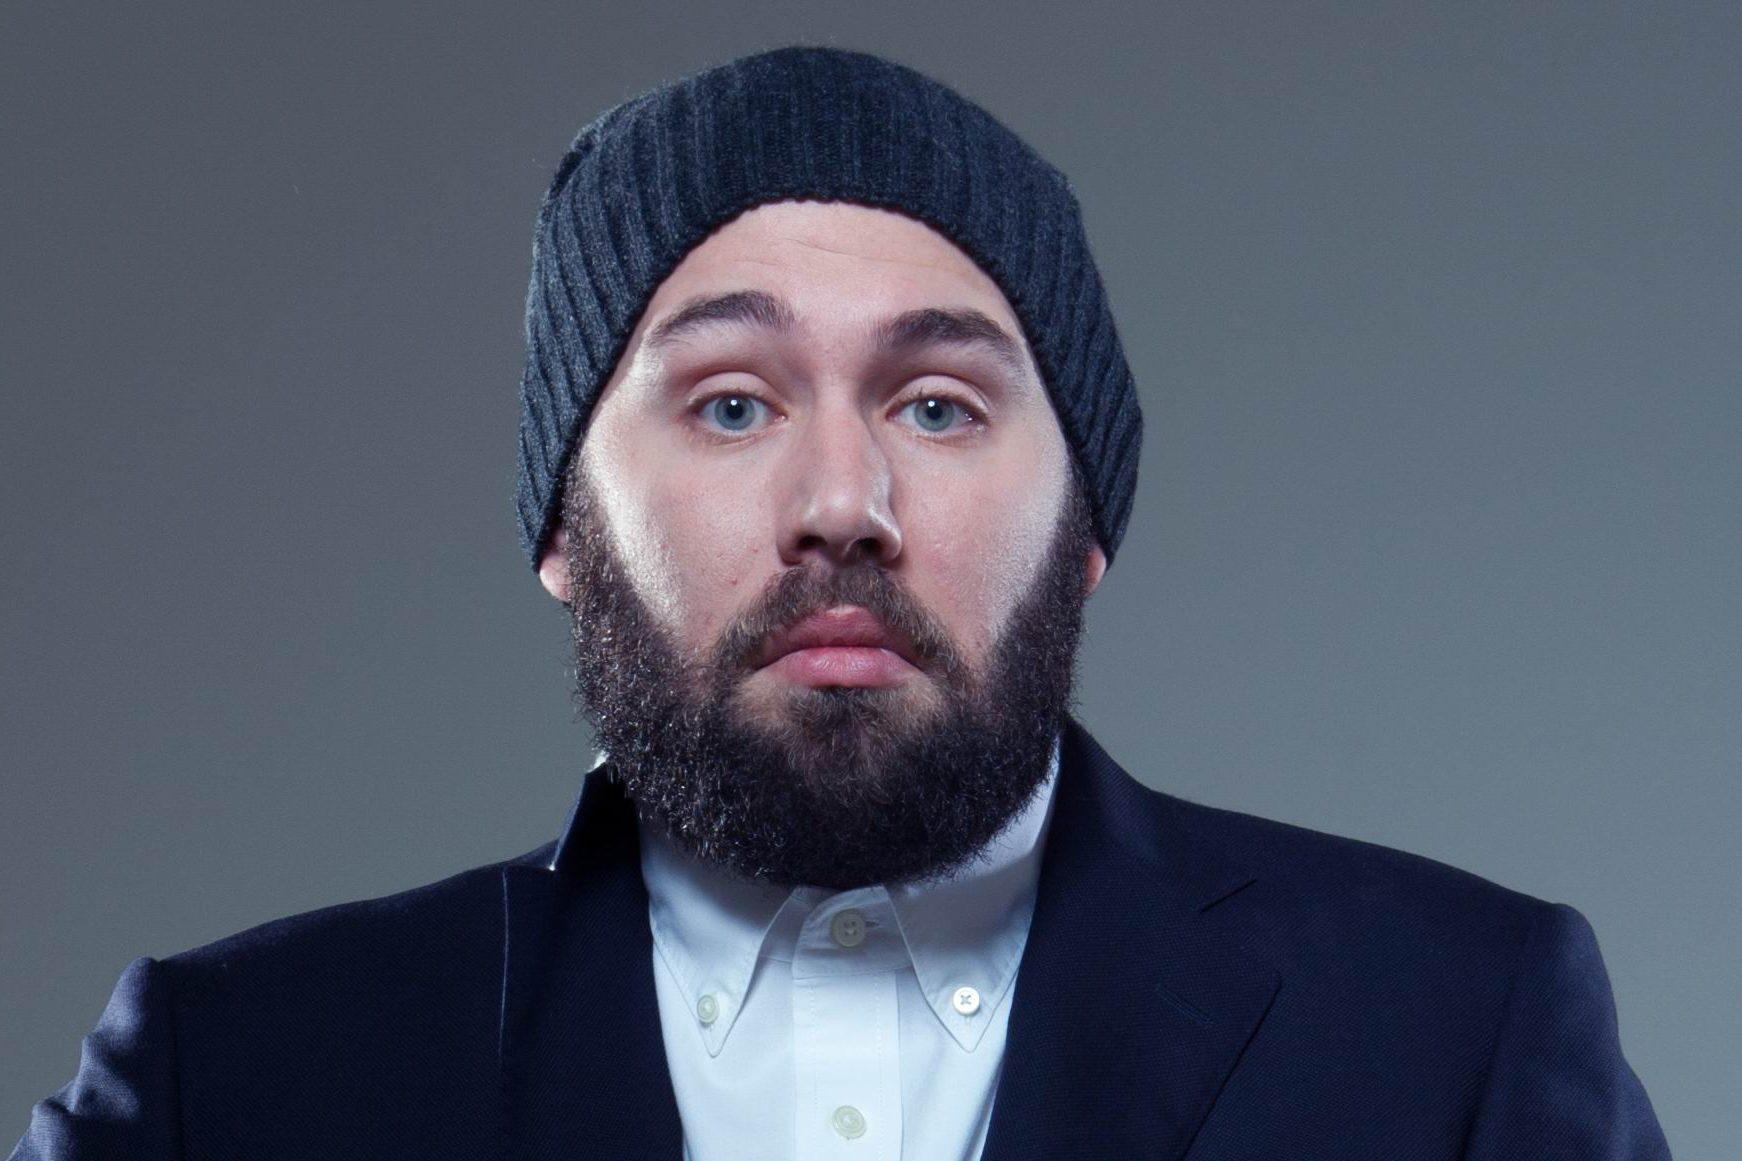 Семен Слепаков спел новый хит обармянах, ТНТ и«Доме-2»